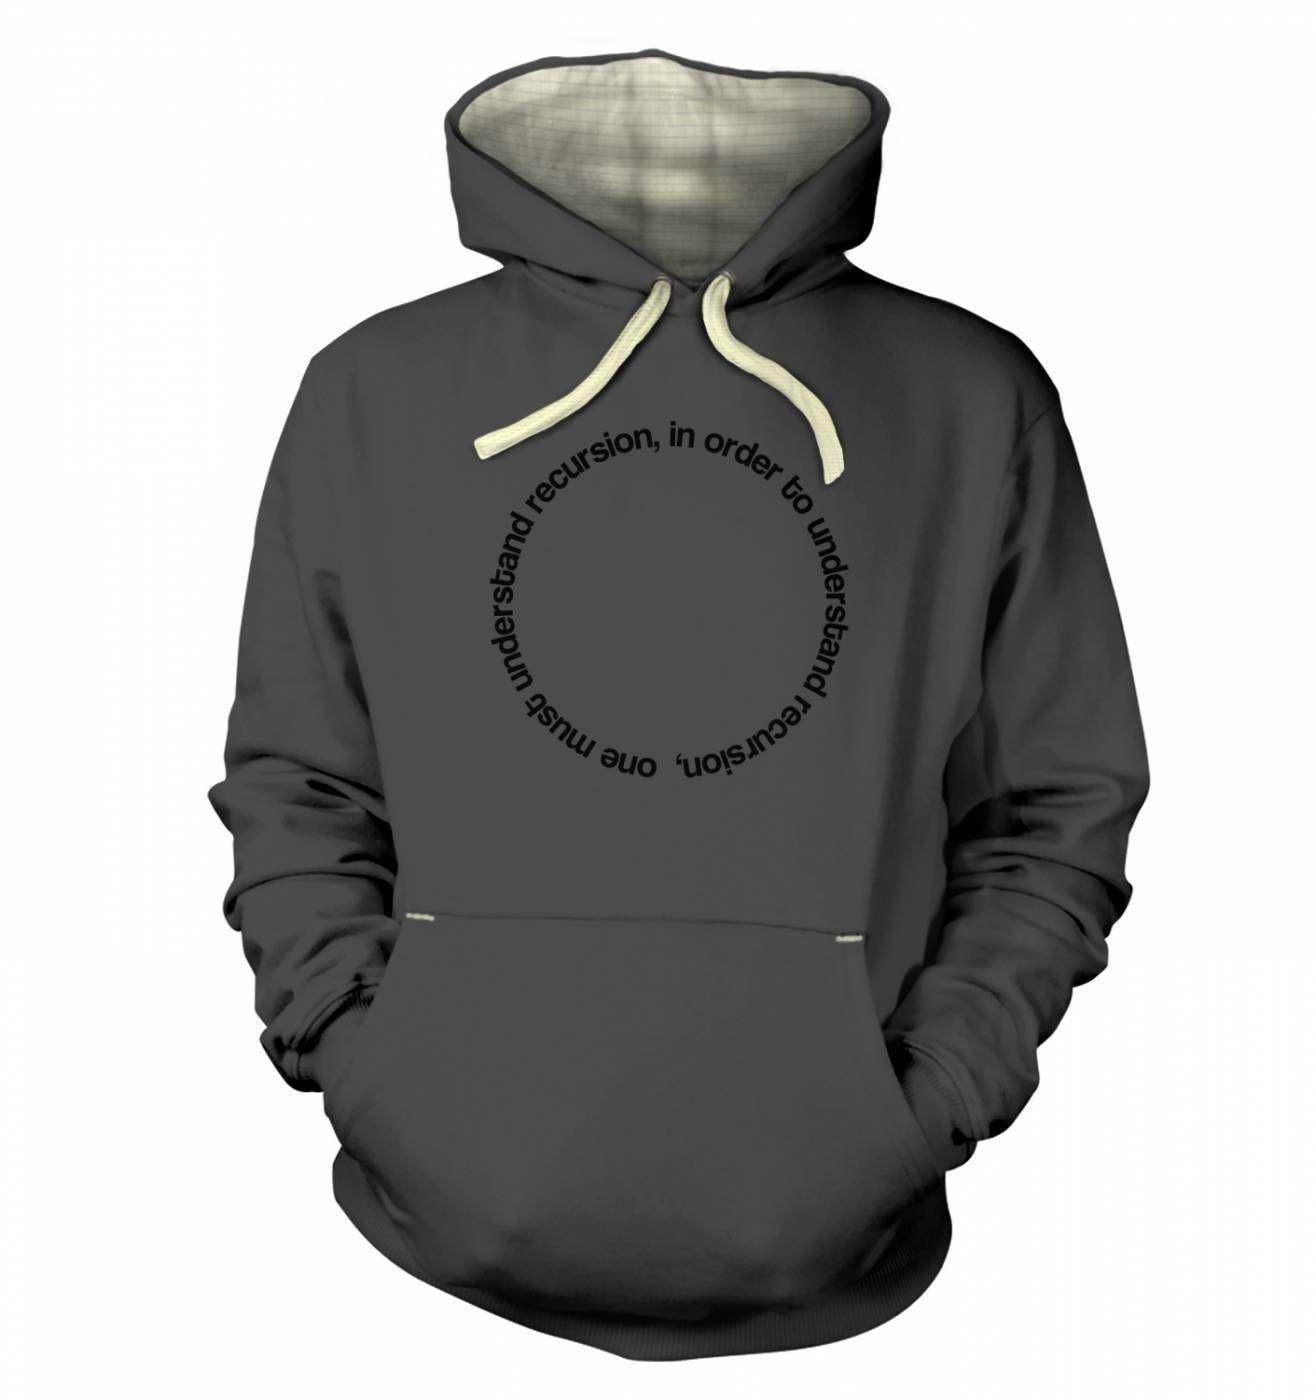 In Order To Understand Recursion hoodie (premium)